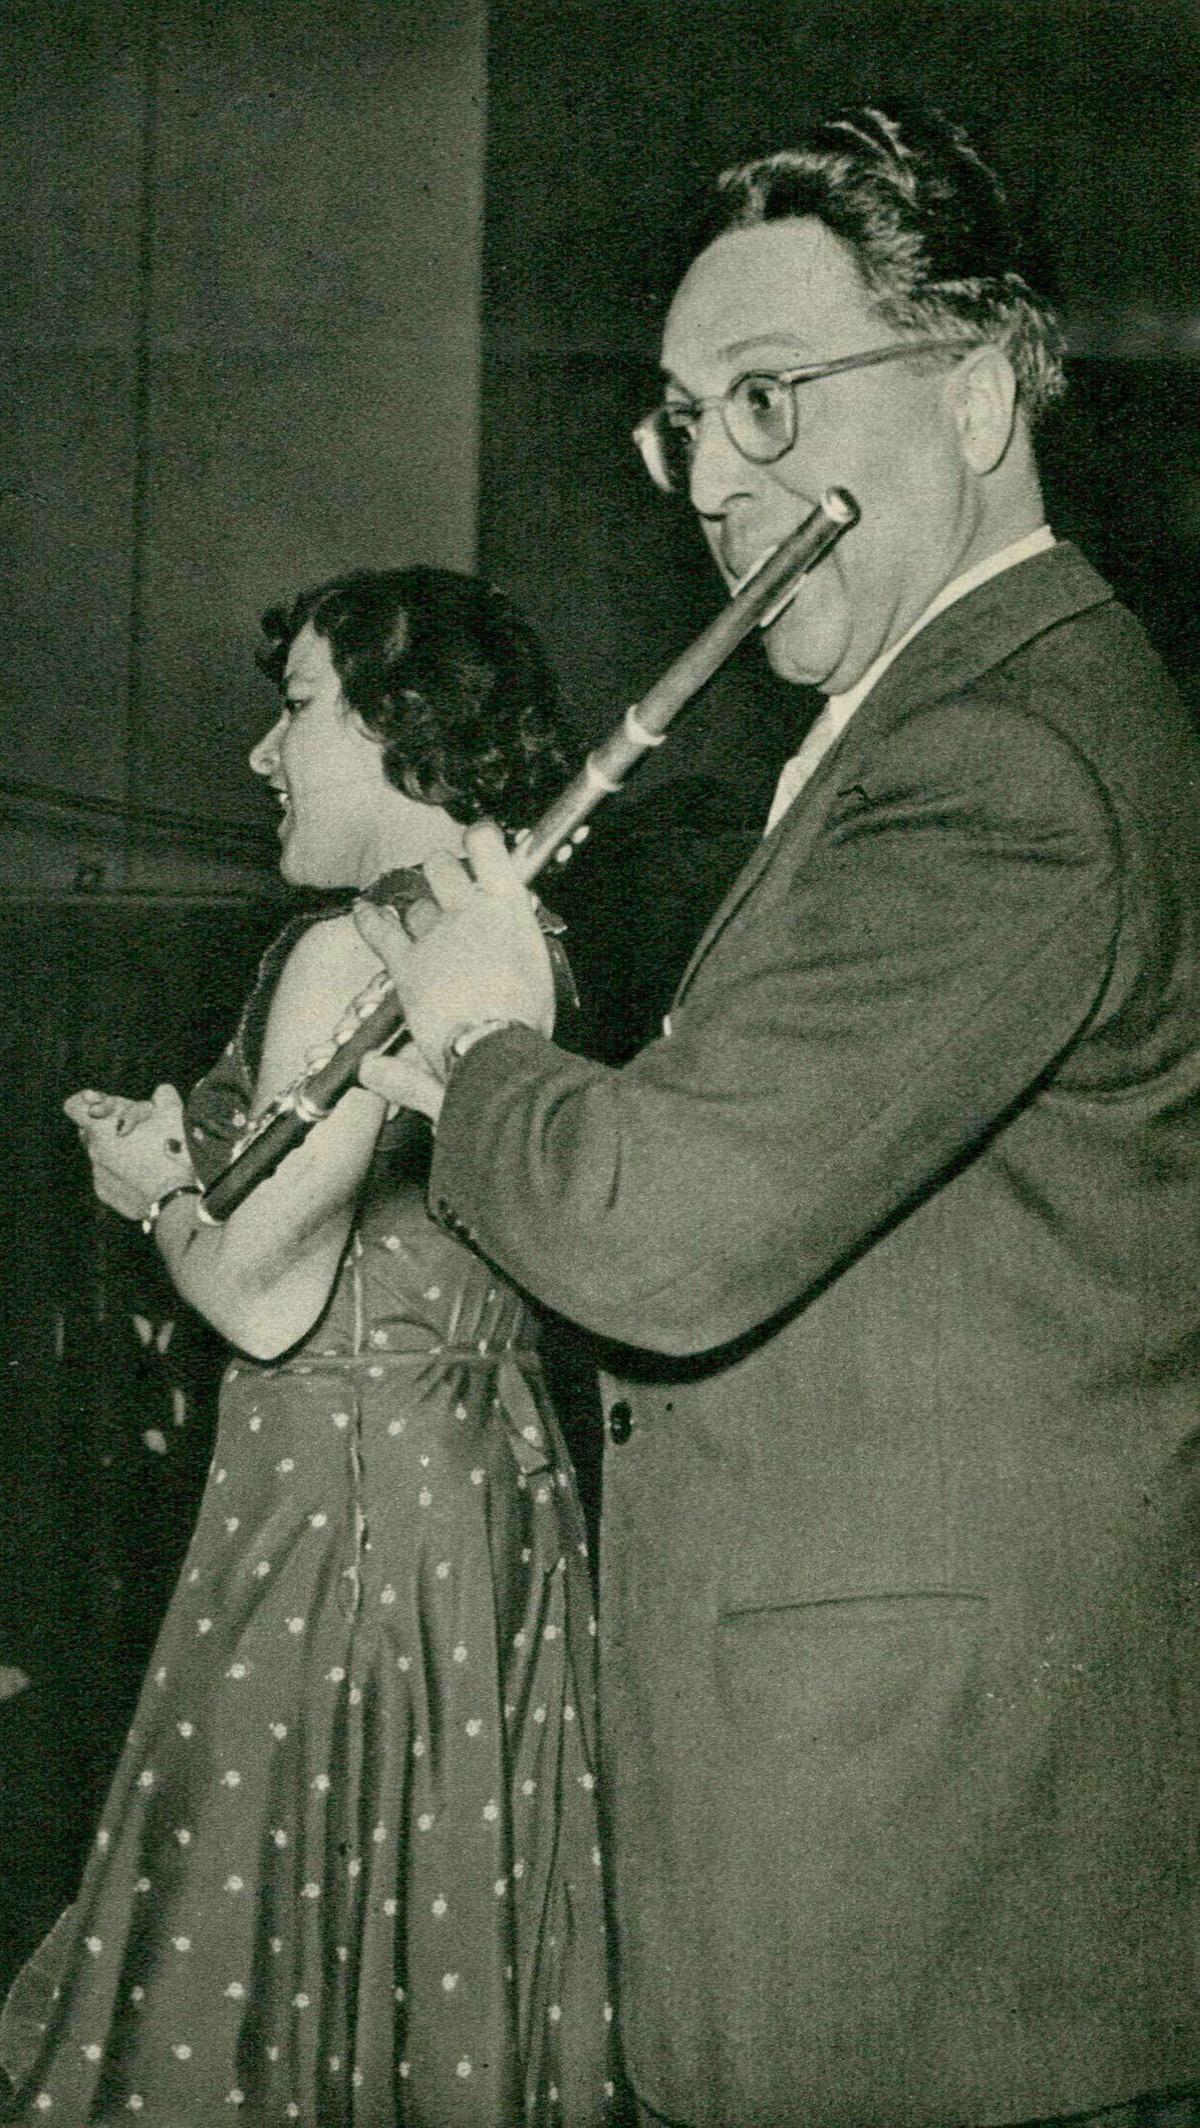 André PÉPIN accompagnant Magda FONAY, Grand Studio de Radio-Genève, 25 juin 1949, une photo publiée dans la revue Radio Actualités du 1er juillet 1949, No 26, en page 955, cliquer pour une vue agrandie